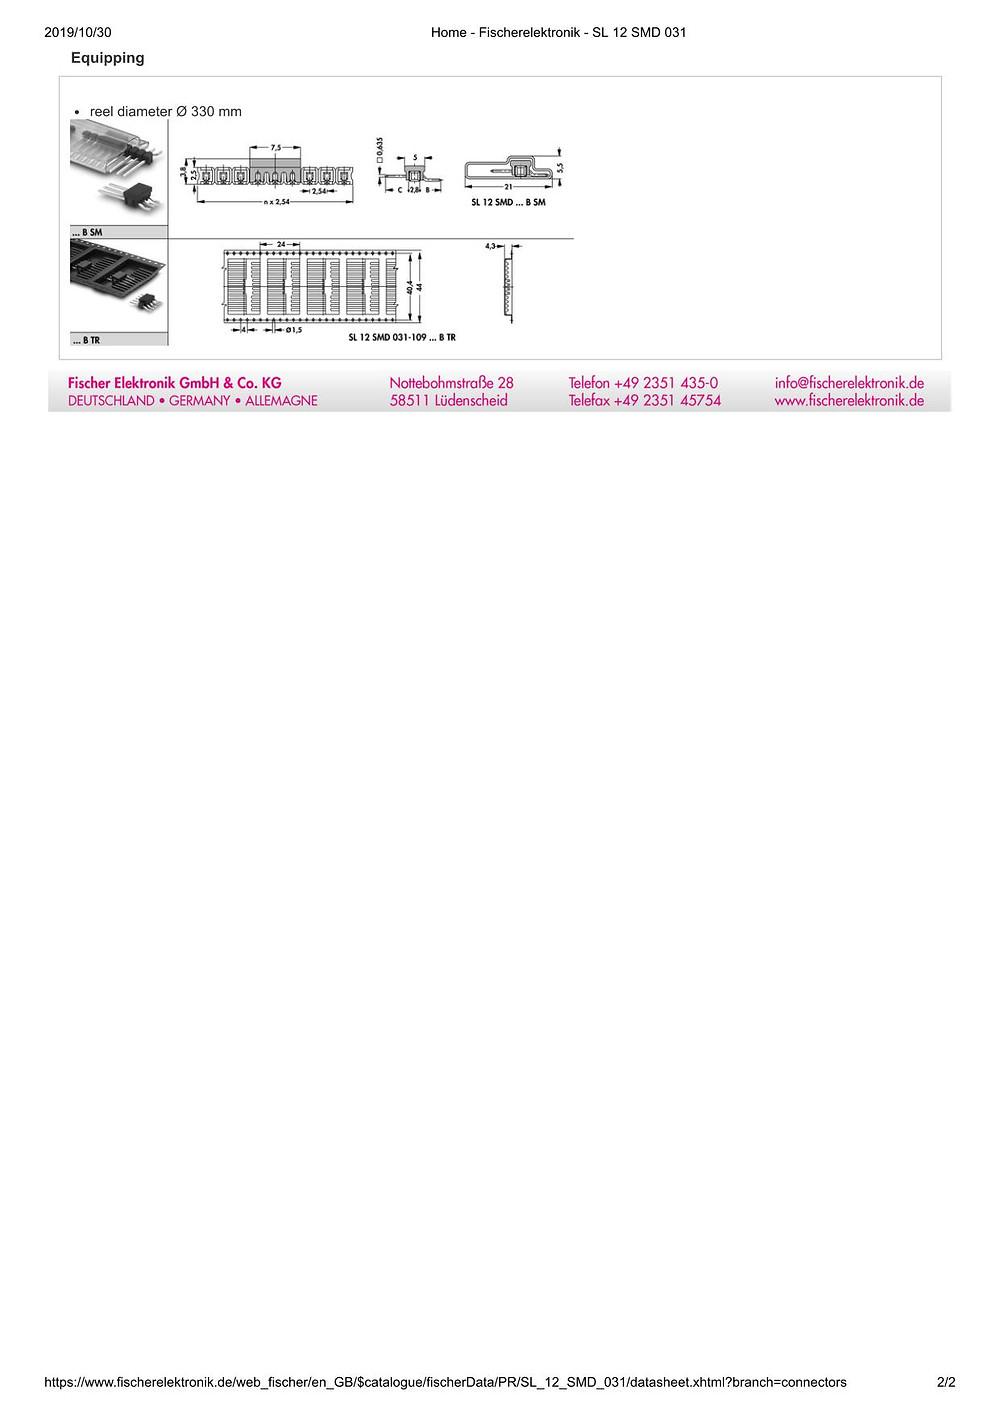 SL 12 SMD 031 フィッシャー テープ&リール対応 ピンヘッダ ライトアングル1列 2.54㎜ピッチ □0.635mm 2-13ピン